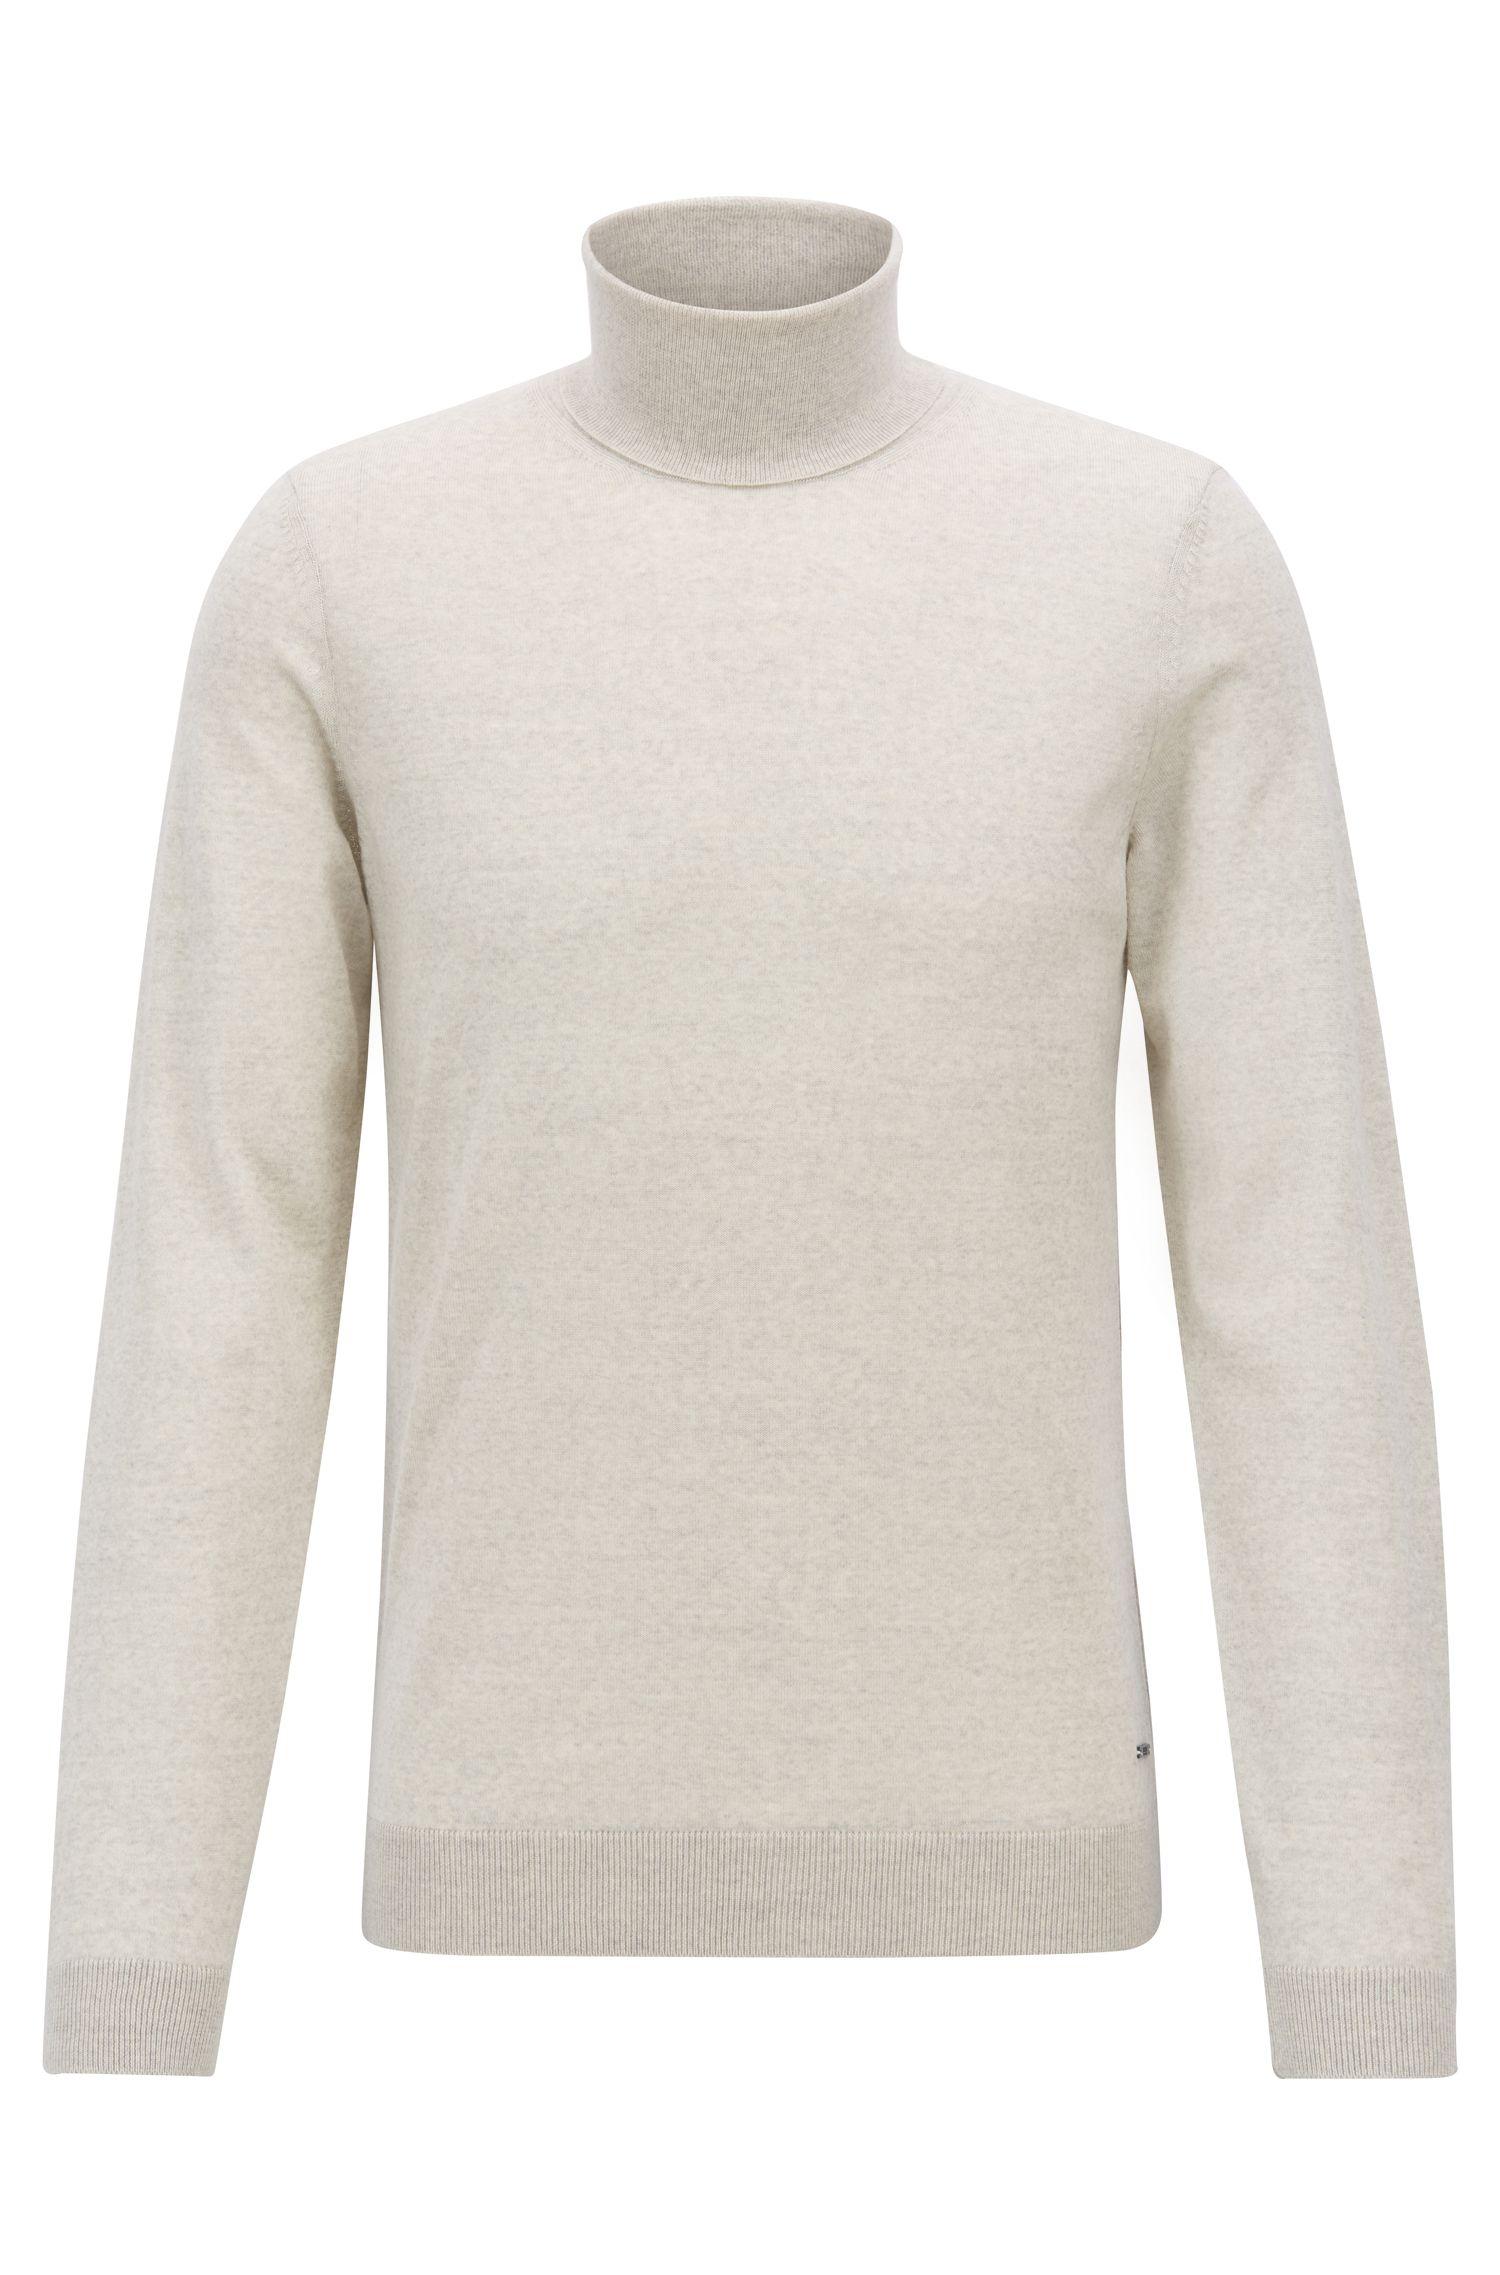 Turtleneck sweater in extra-fine Italian merino wool, Light Beige